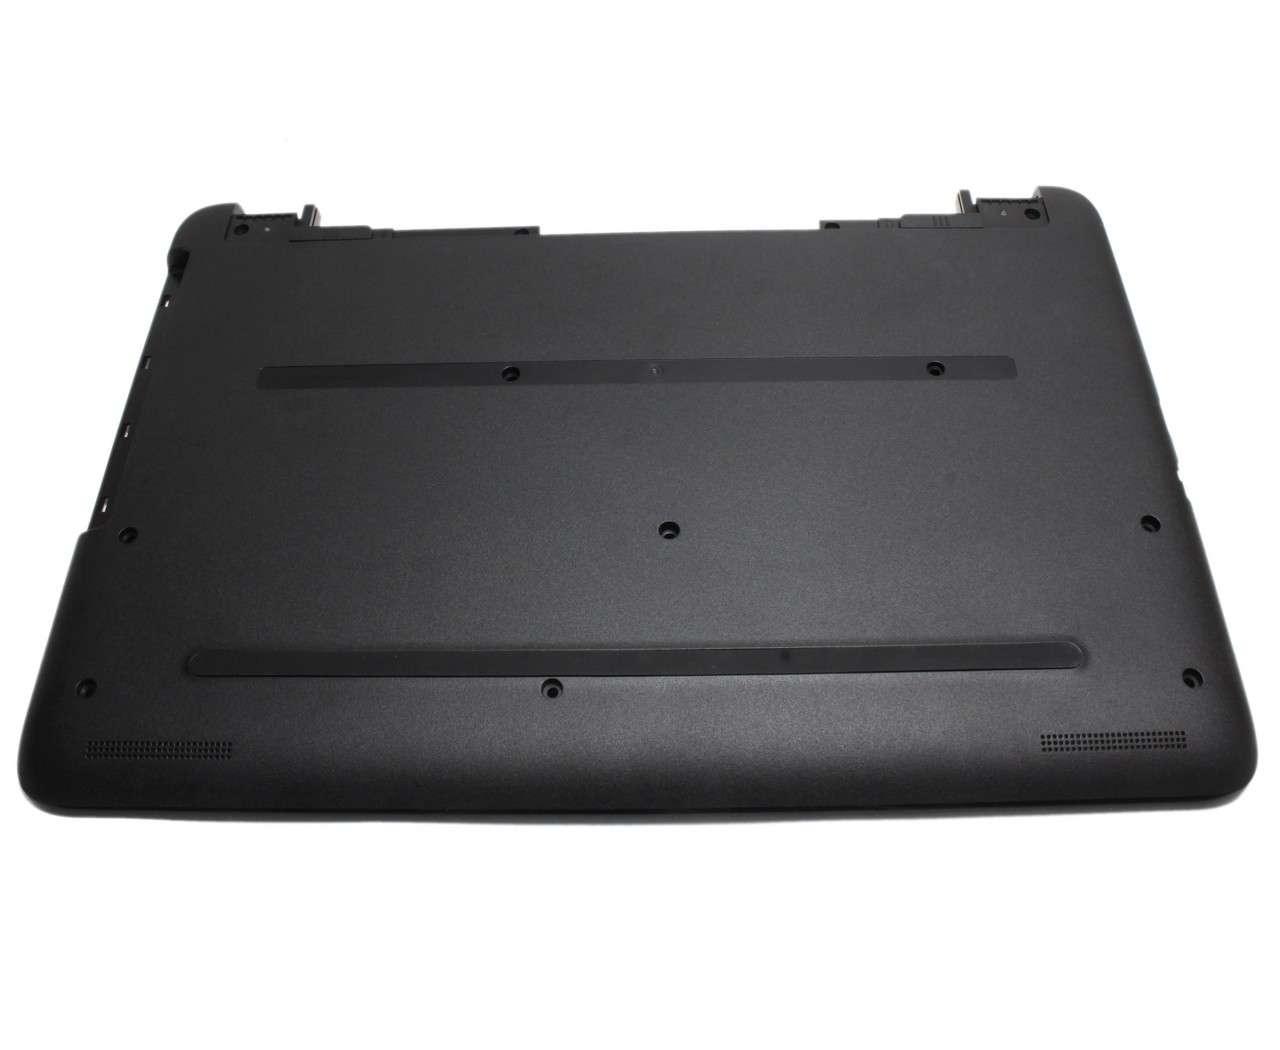 Bottom Case HP 859513-001 Carcasa Inferioara Neagra imagine powerlaptop.ro 2021